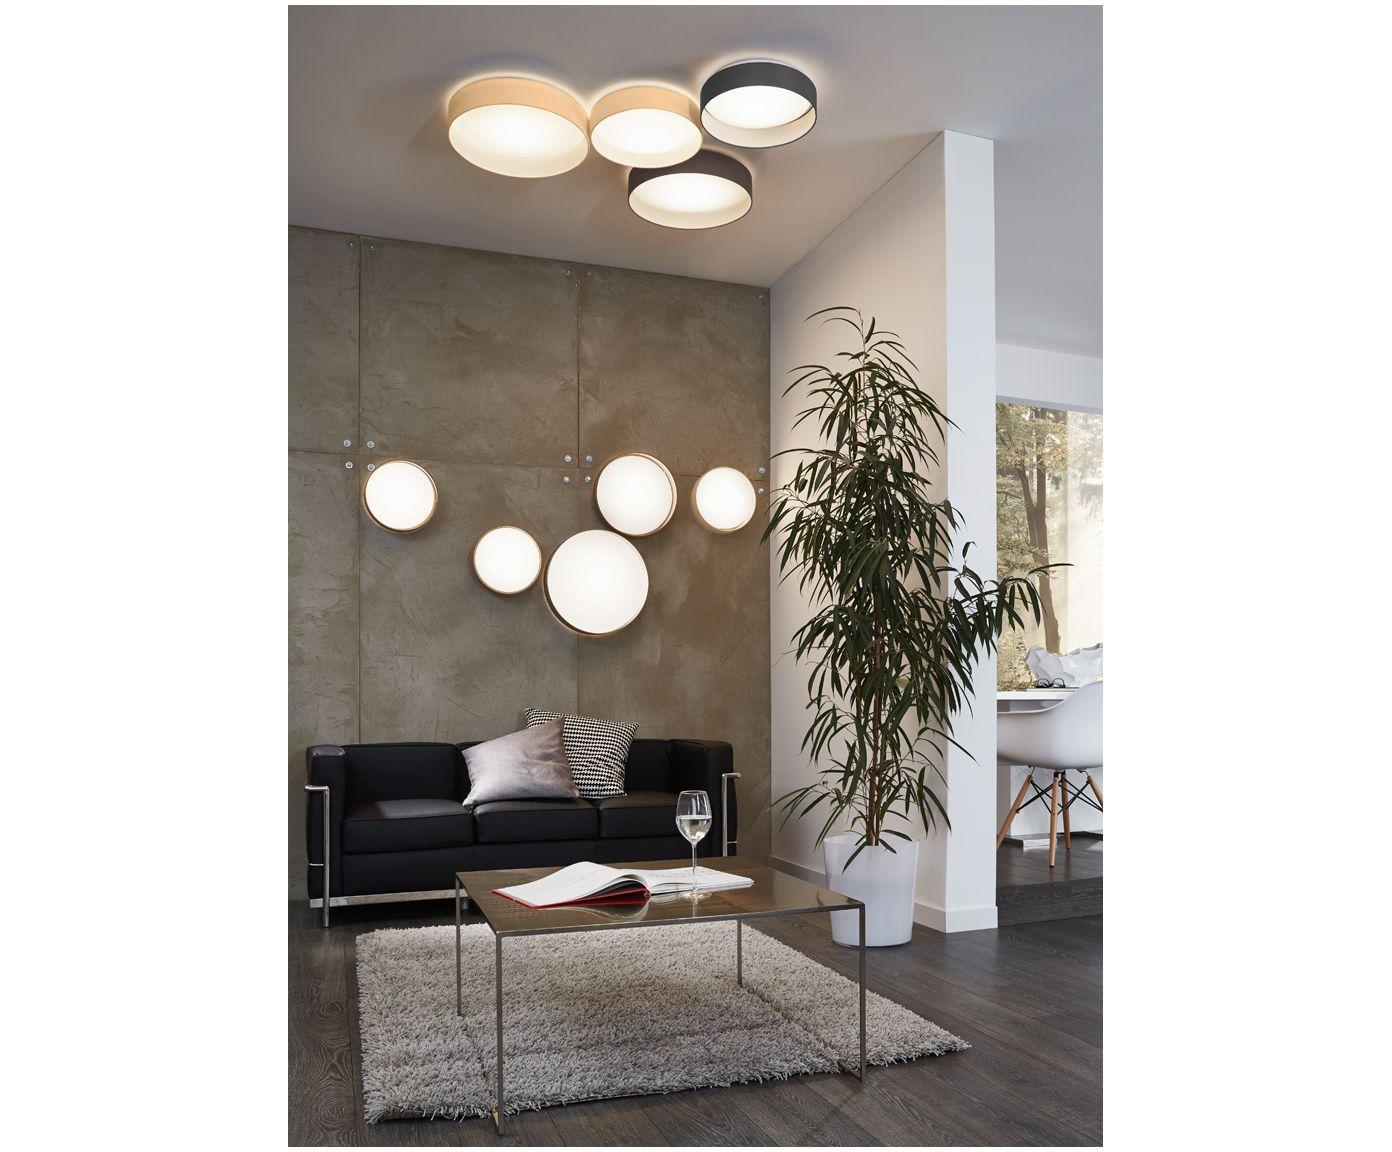 LED-Deckenleuchte Paloma  Led deckenleuchte, Led, Wohnzimmerlampe